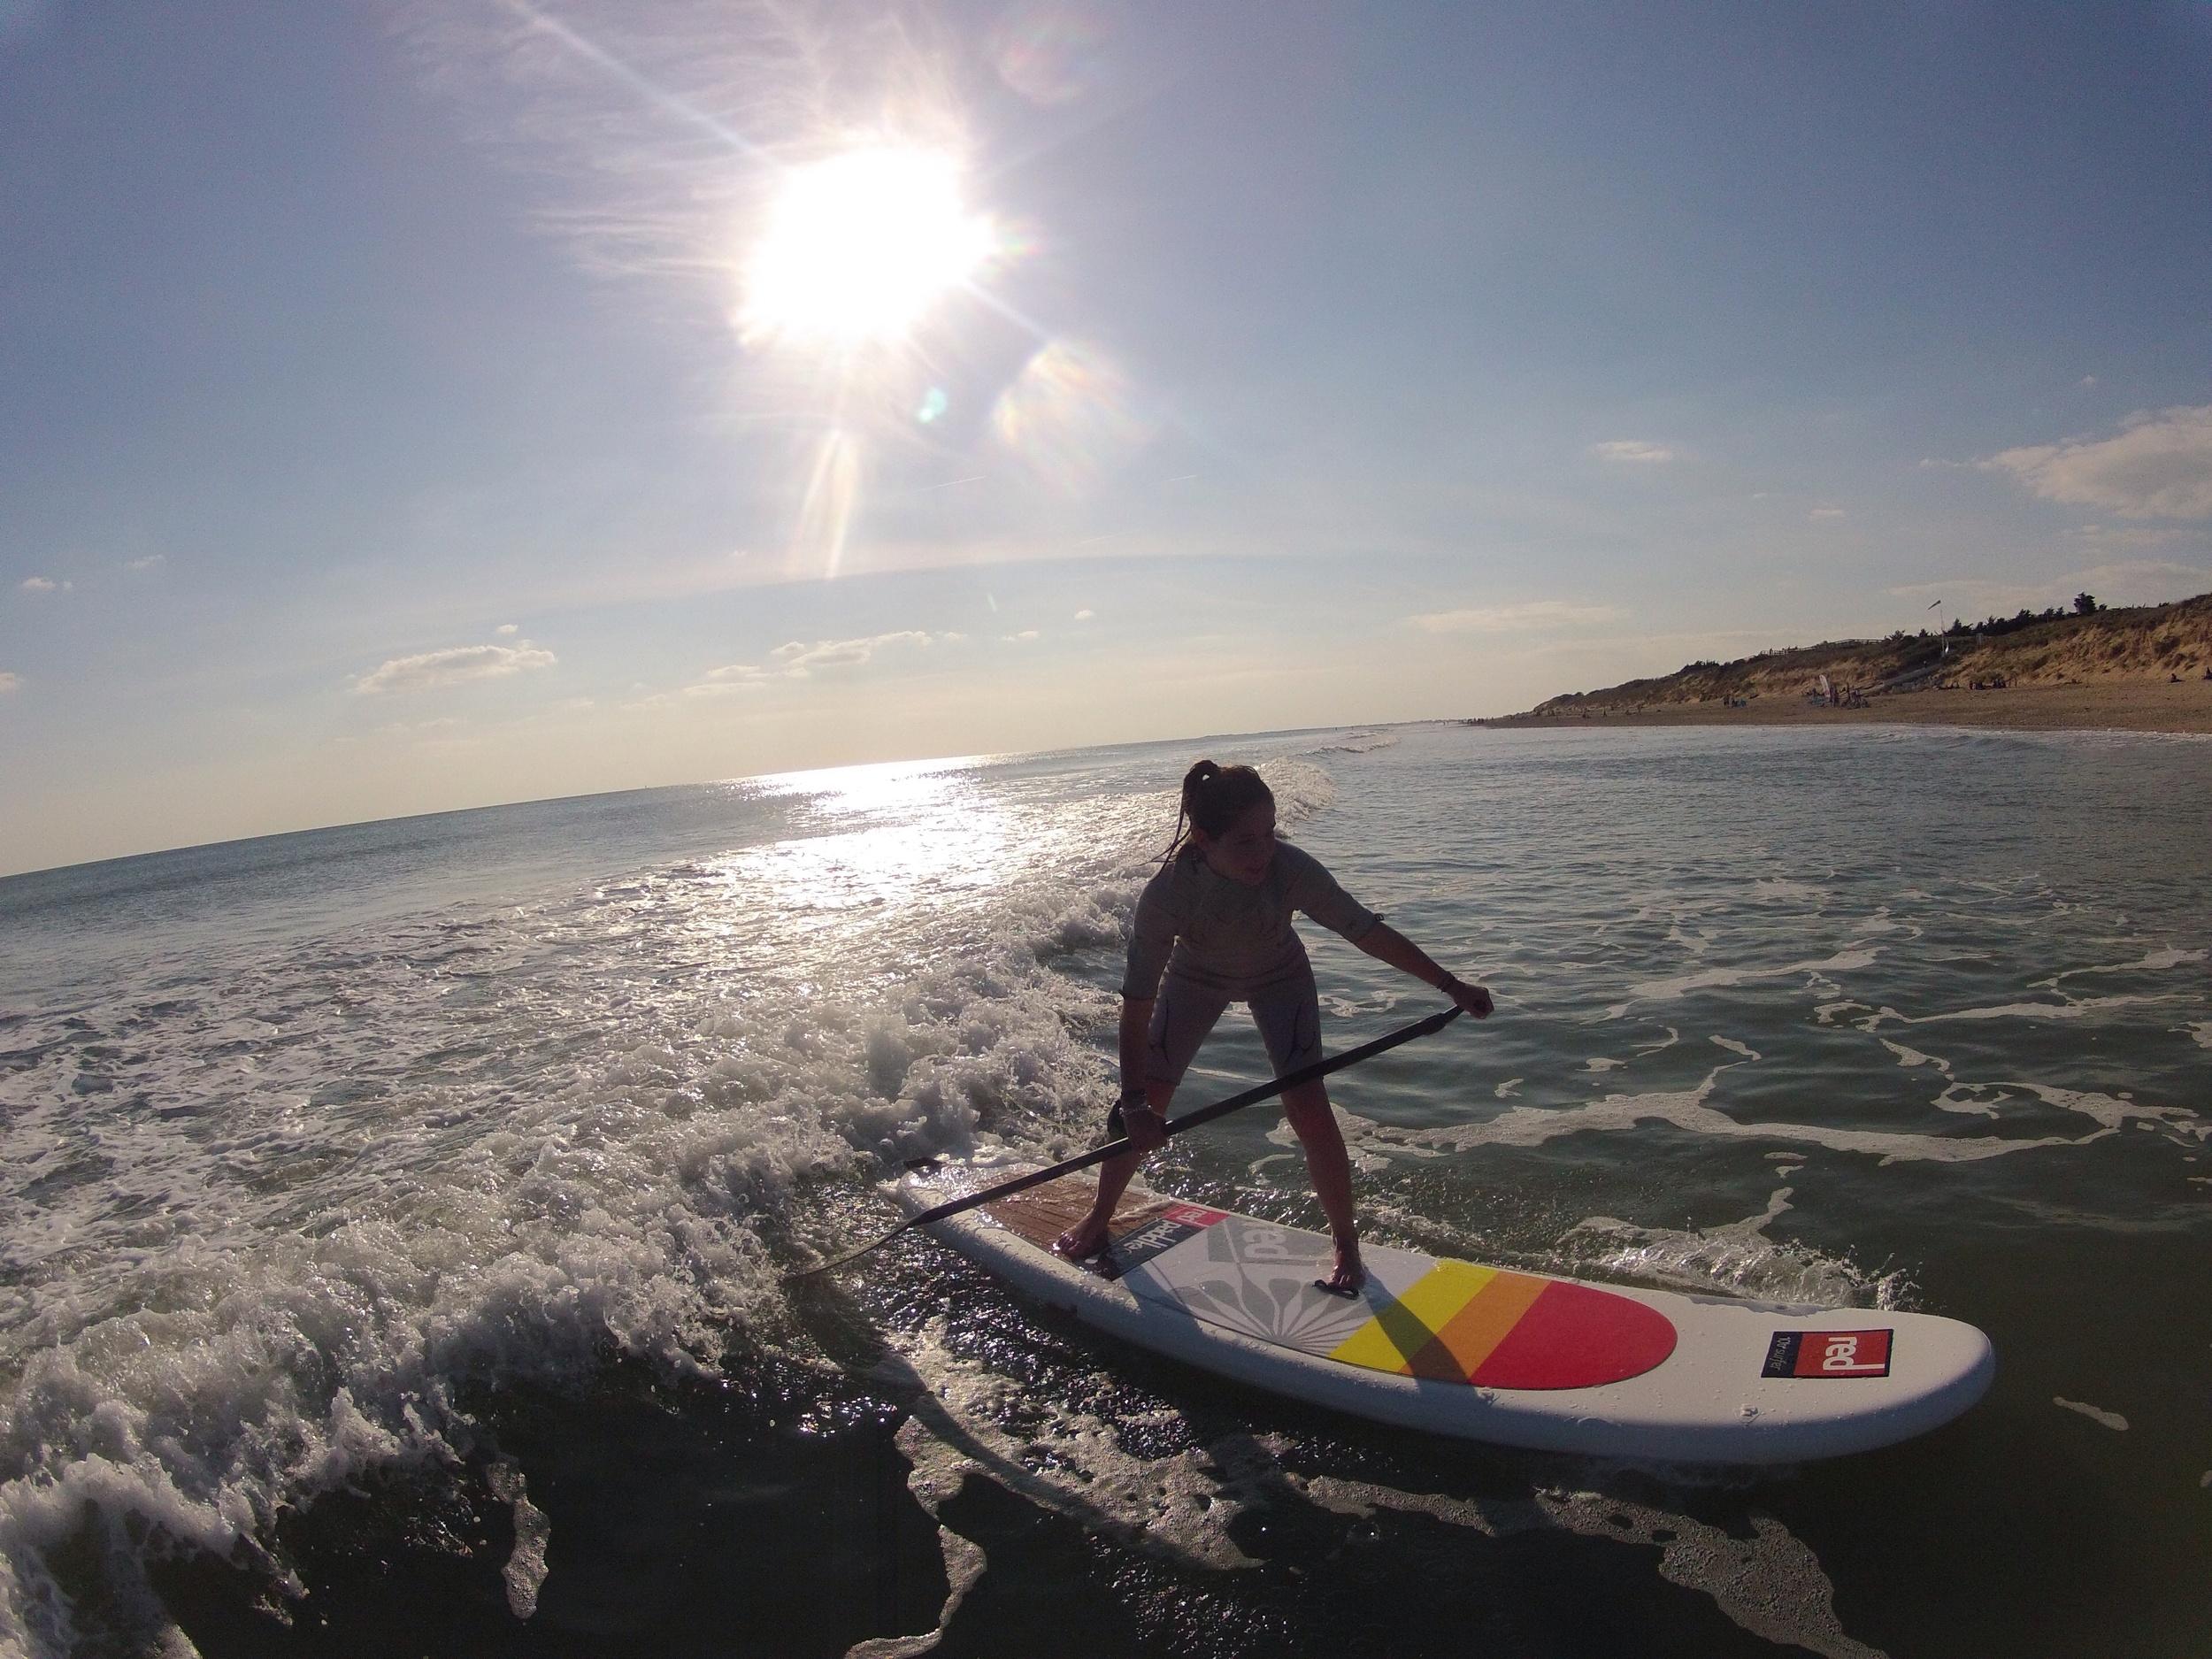 Sup Surfing en Red Paddle 10' venus